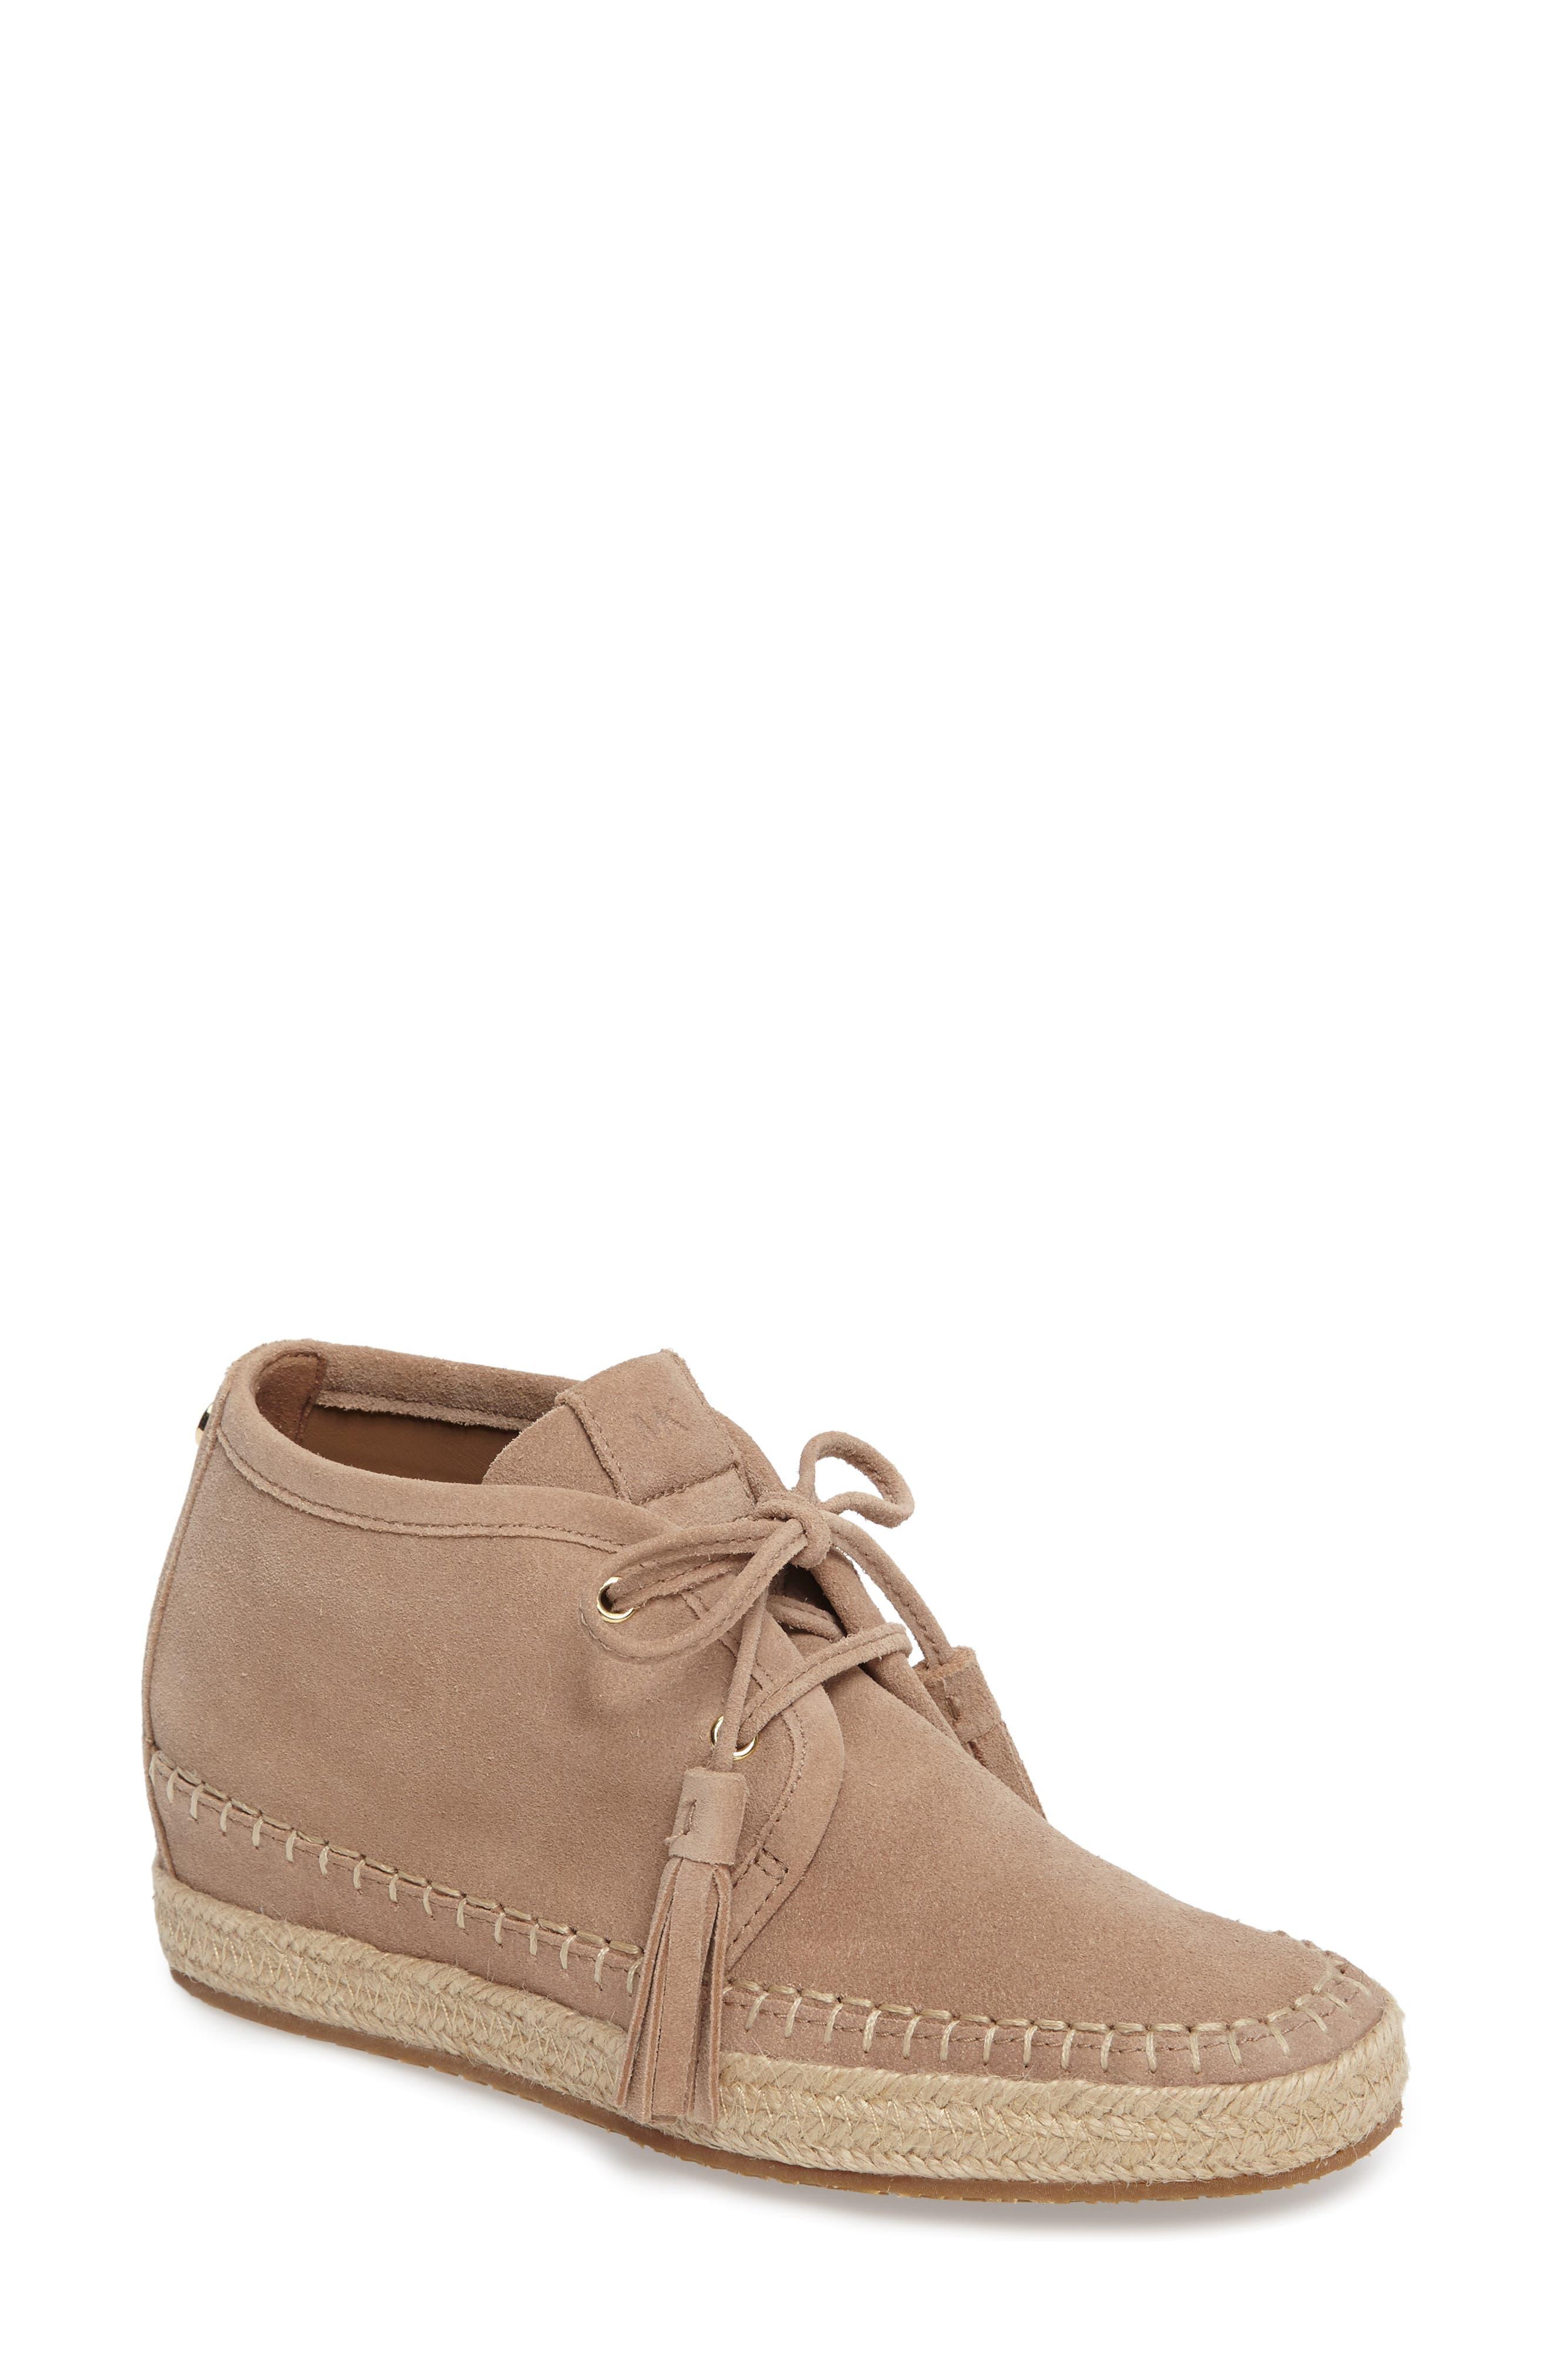 Kendrick Wedge Sneaker,                         Main,                         color, 250